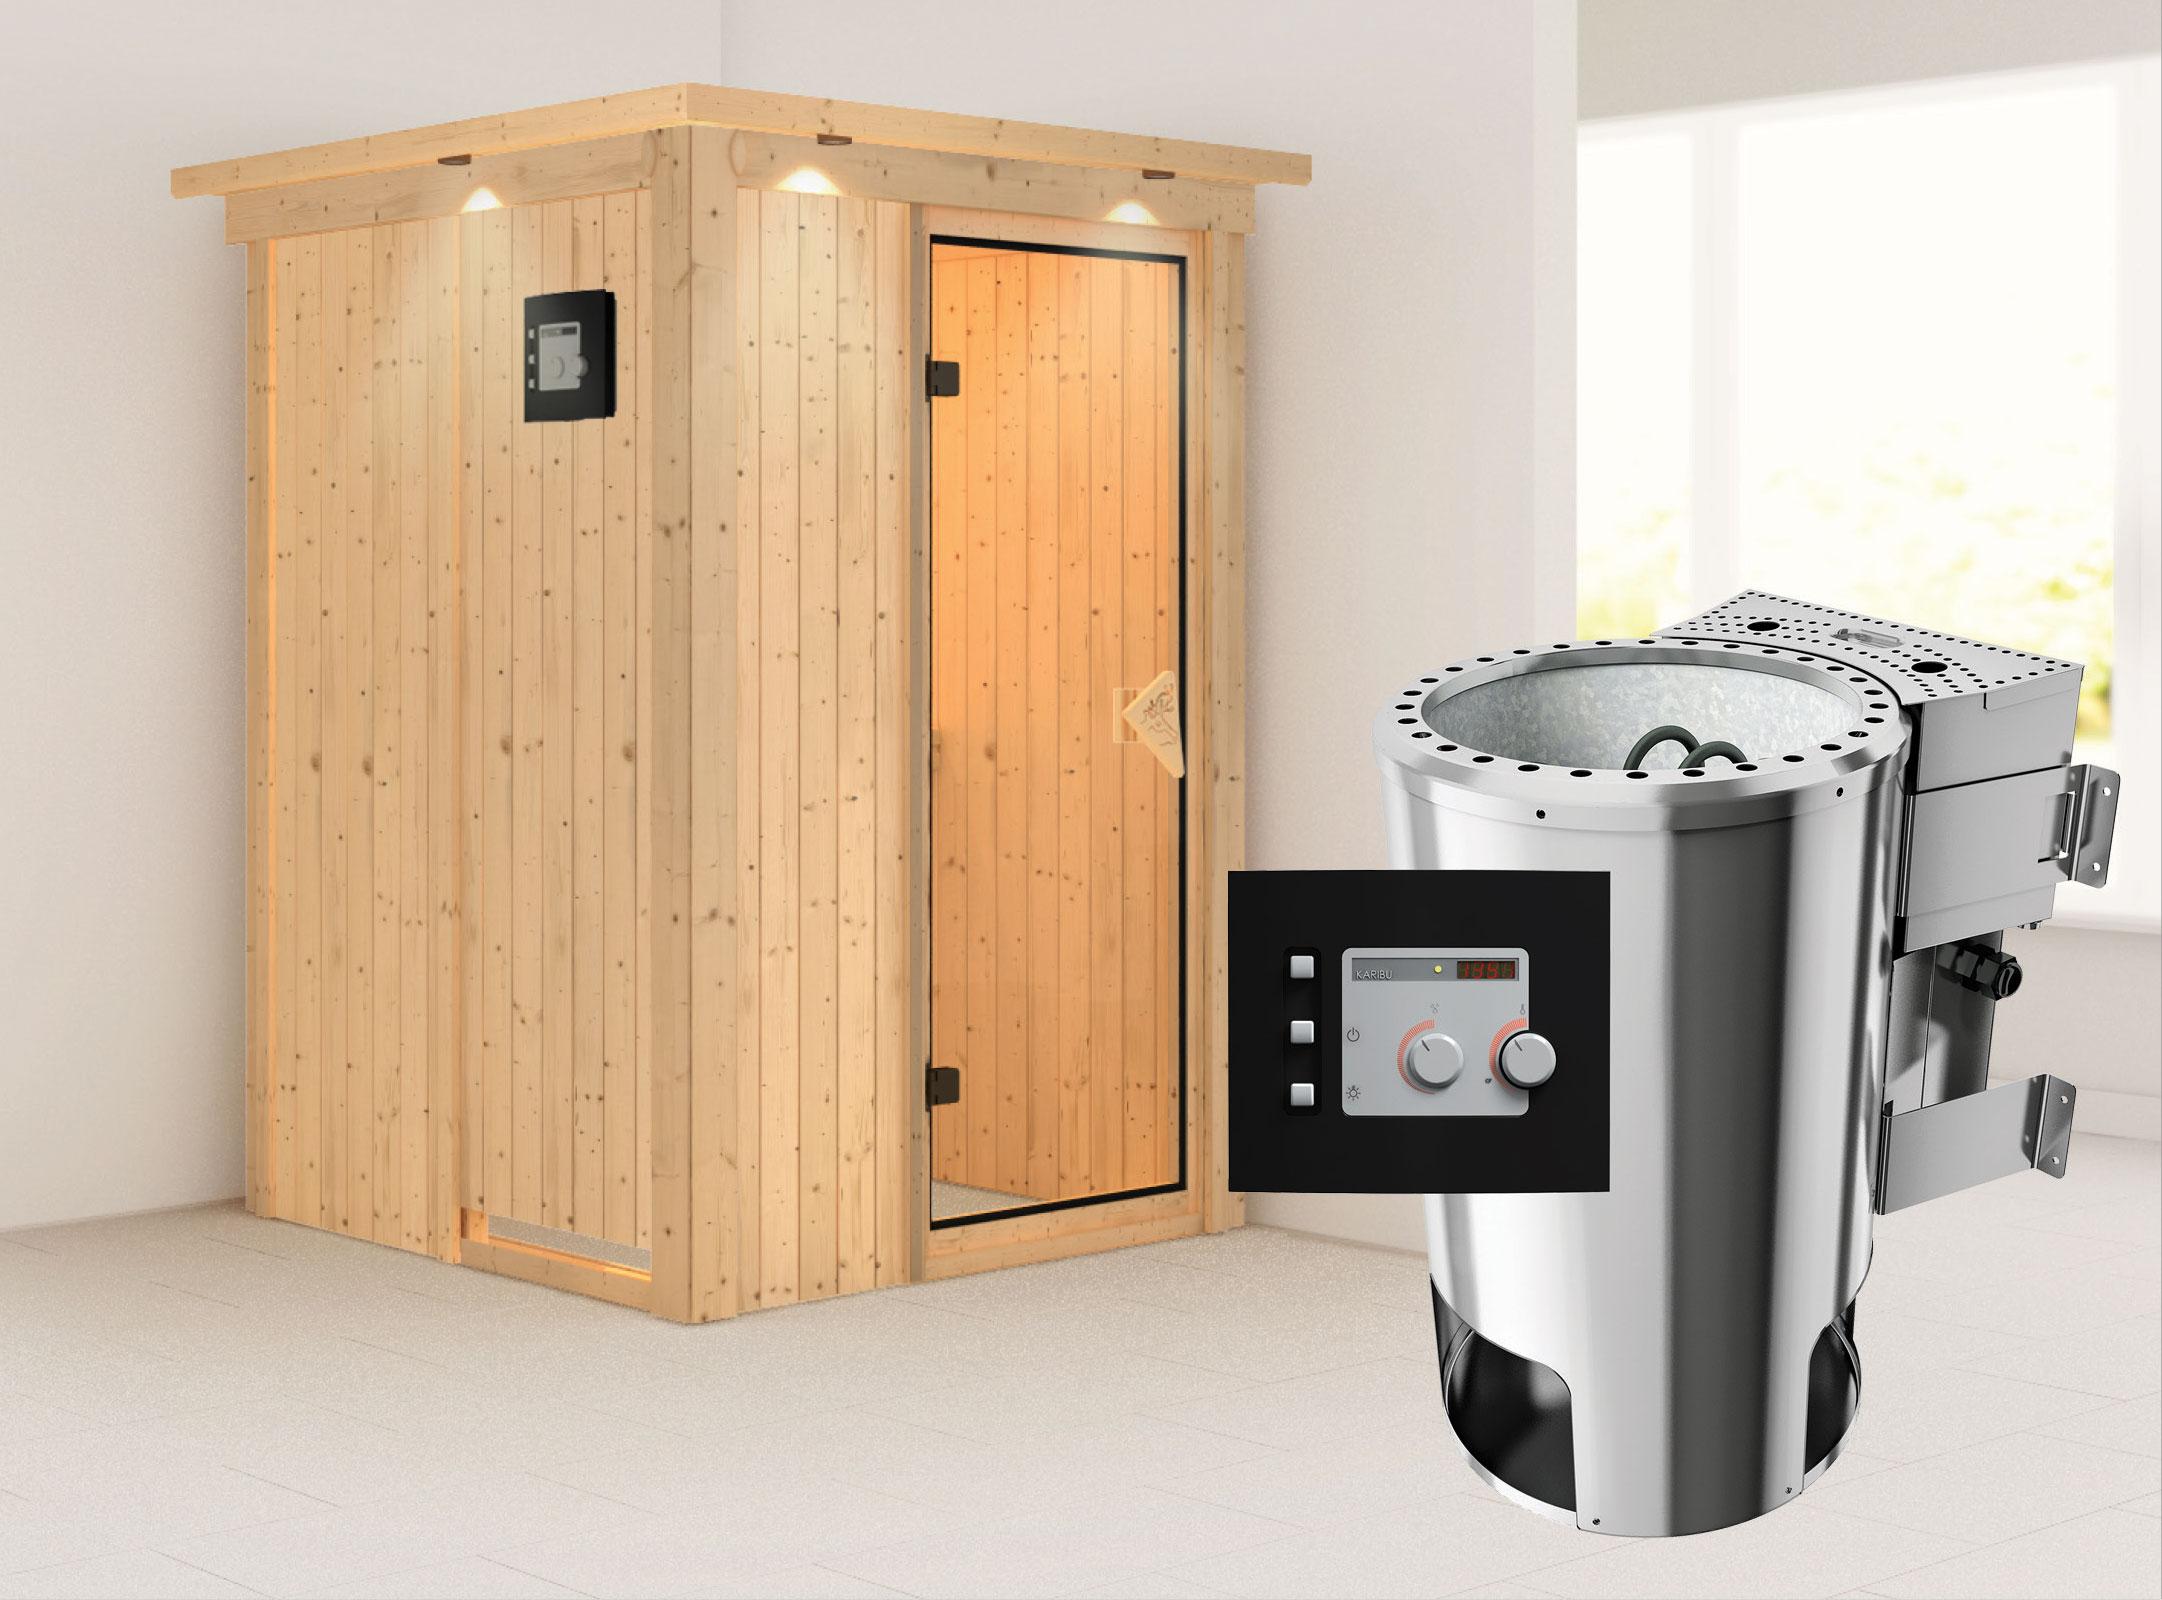 Karibu Sauna Lenja 68mm 230V Dachkranz + BioOfen 3,6kW ext classic Tür Bild 1